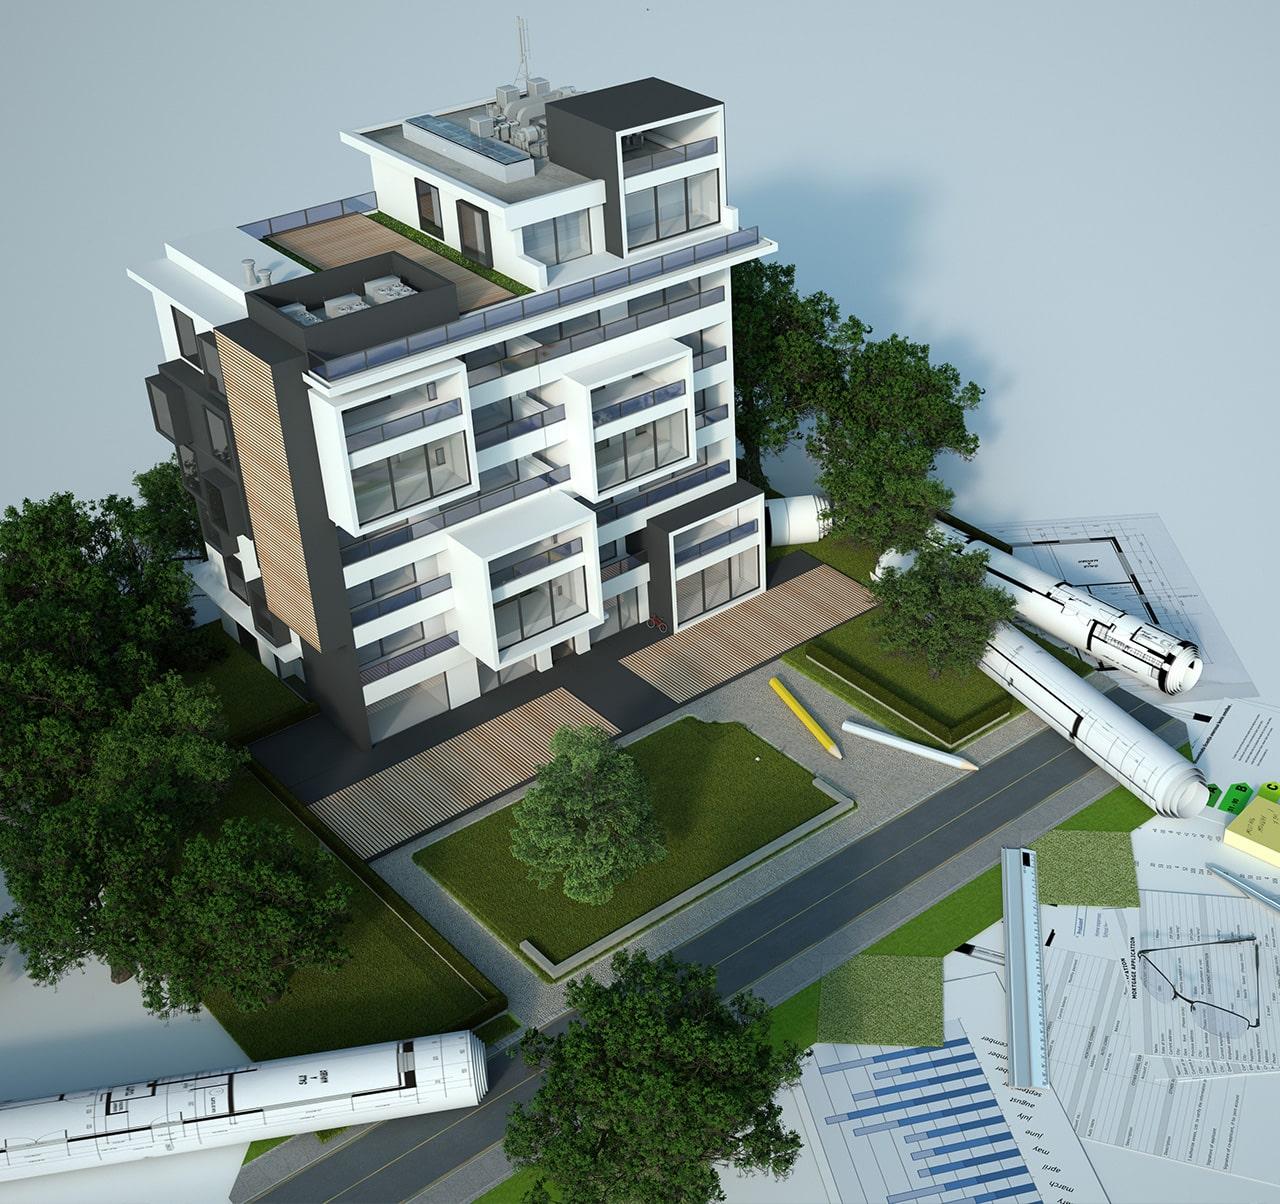 Cabinet d'architecture, d'urbanisme et de design à Dakar